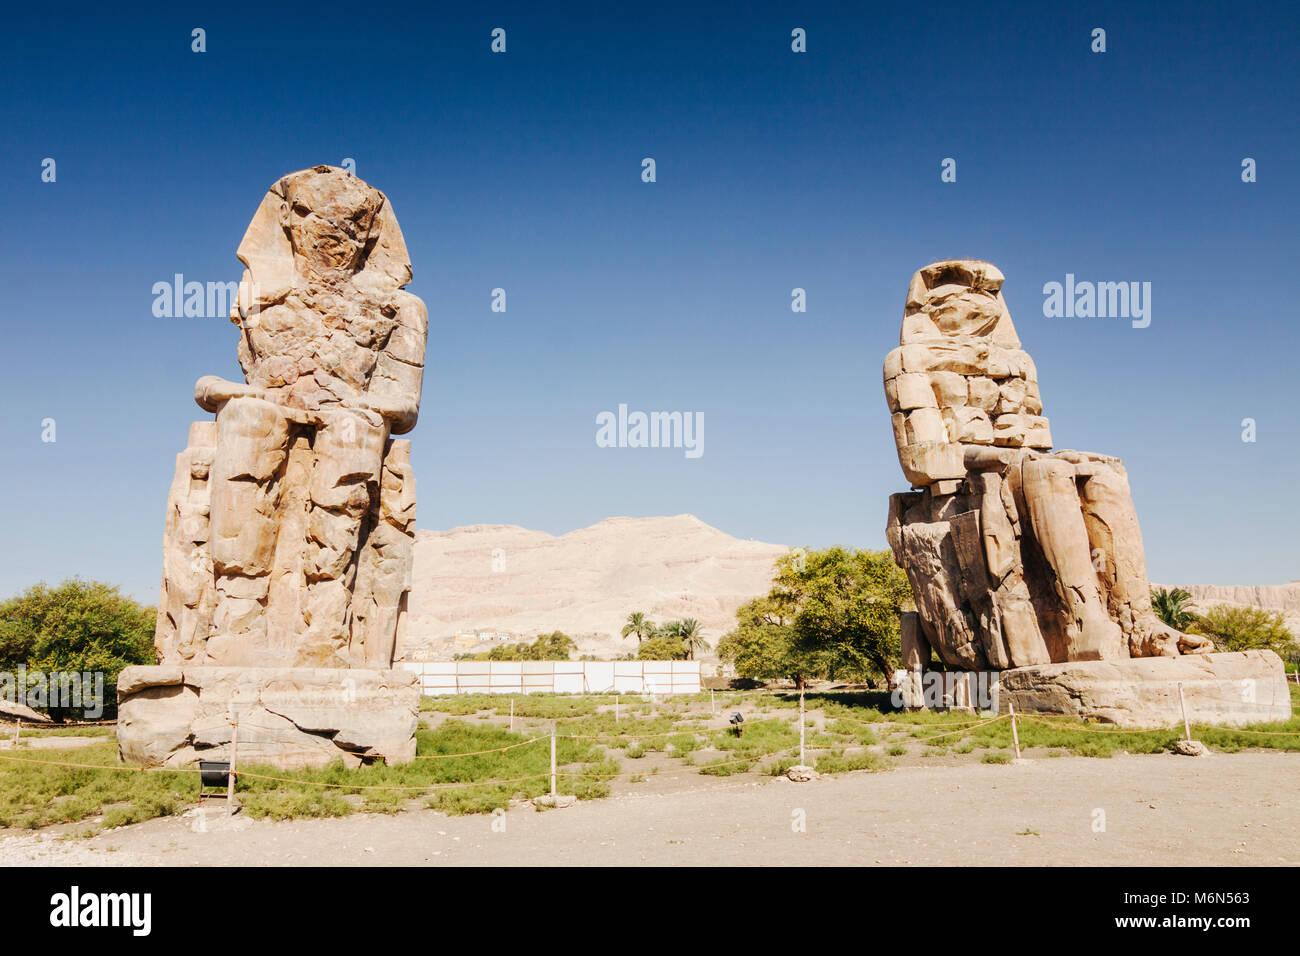 Luxor, Egipto. Colosos de Memnon, dos enormes estatuas de piedra del faraón Amenhotep III, que reinó en Imagen De Stock